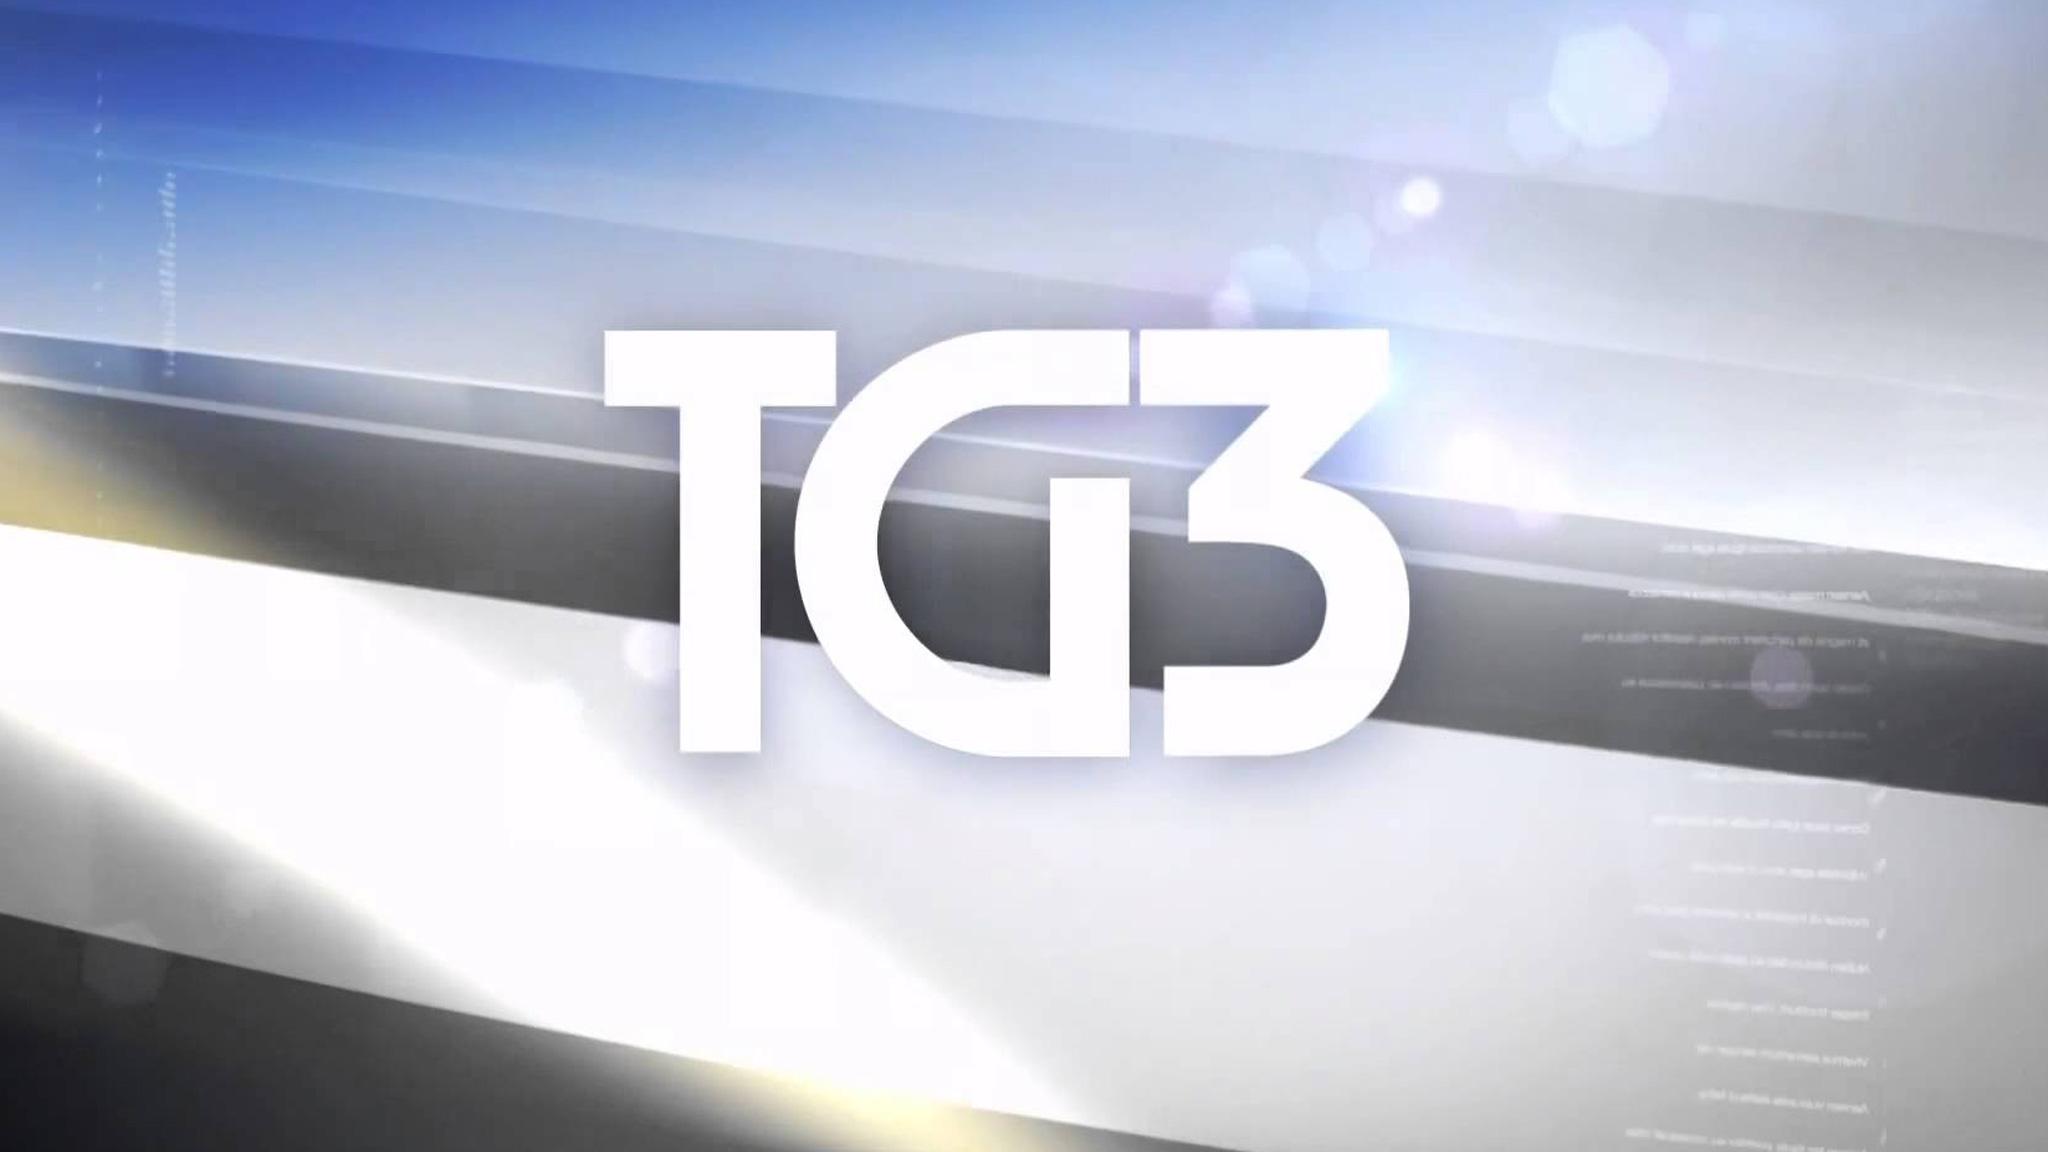 TG3 Fuori TG